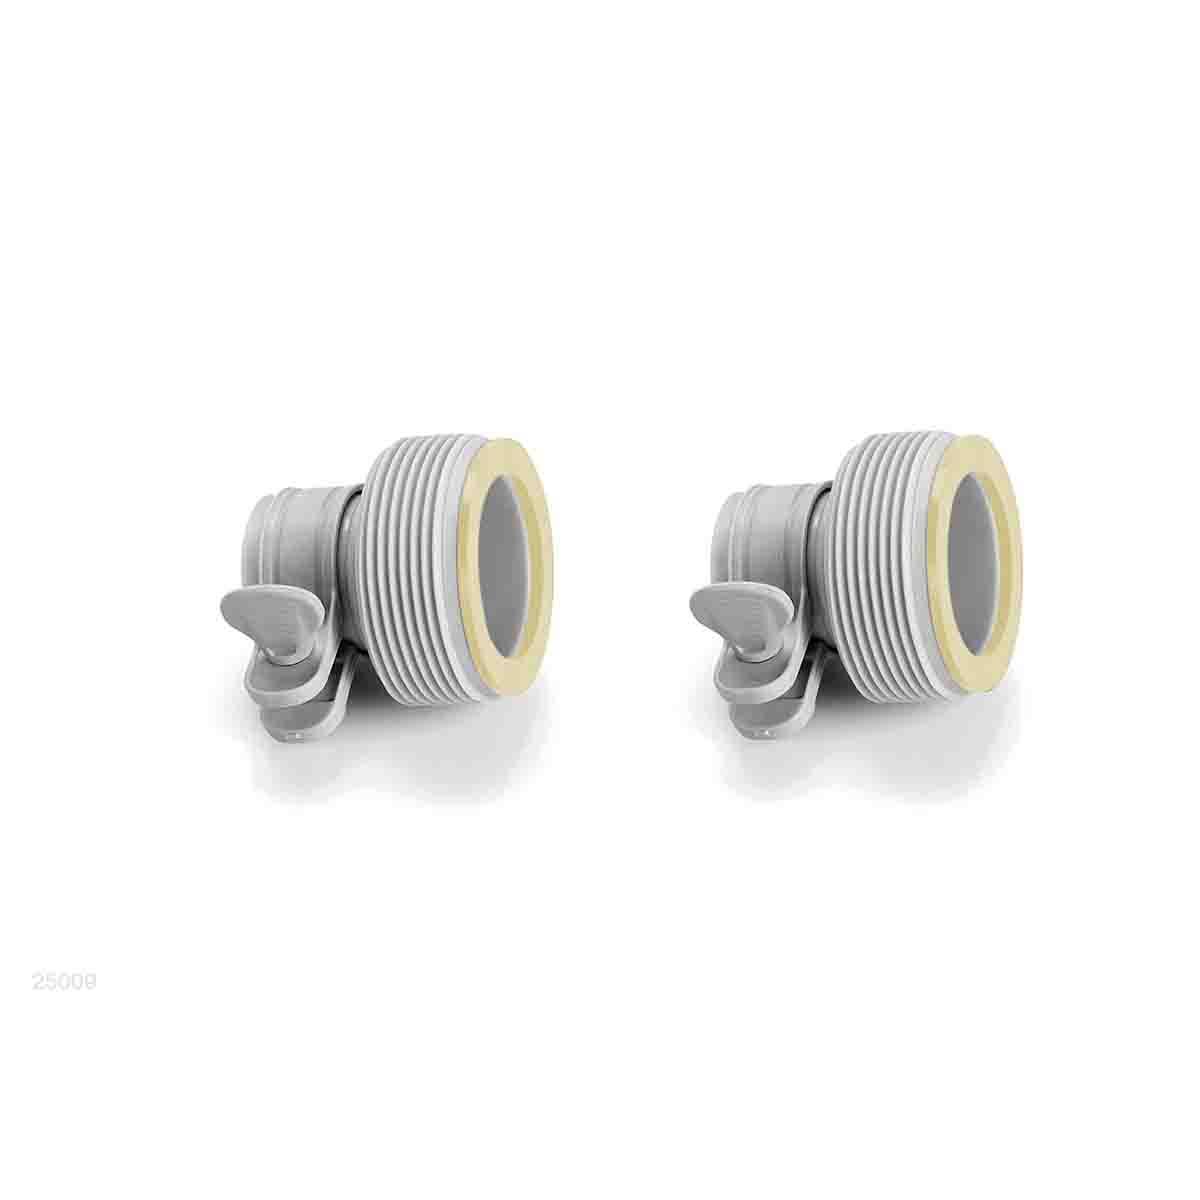 Abrazadera Tipo B 2 Pzs filtro Alberca Piscina Jardin Intex